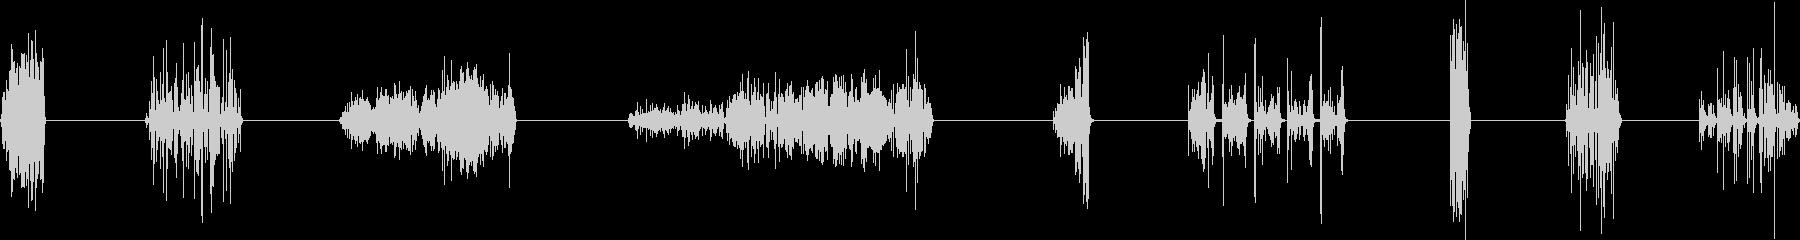 ロックスクリーン、メタル・アゲイン...の未再生の波形